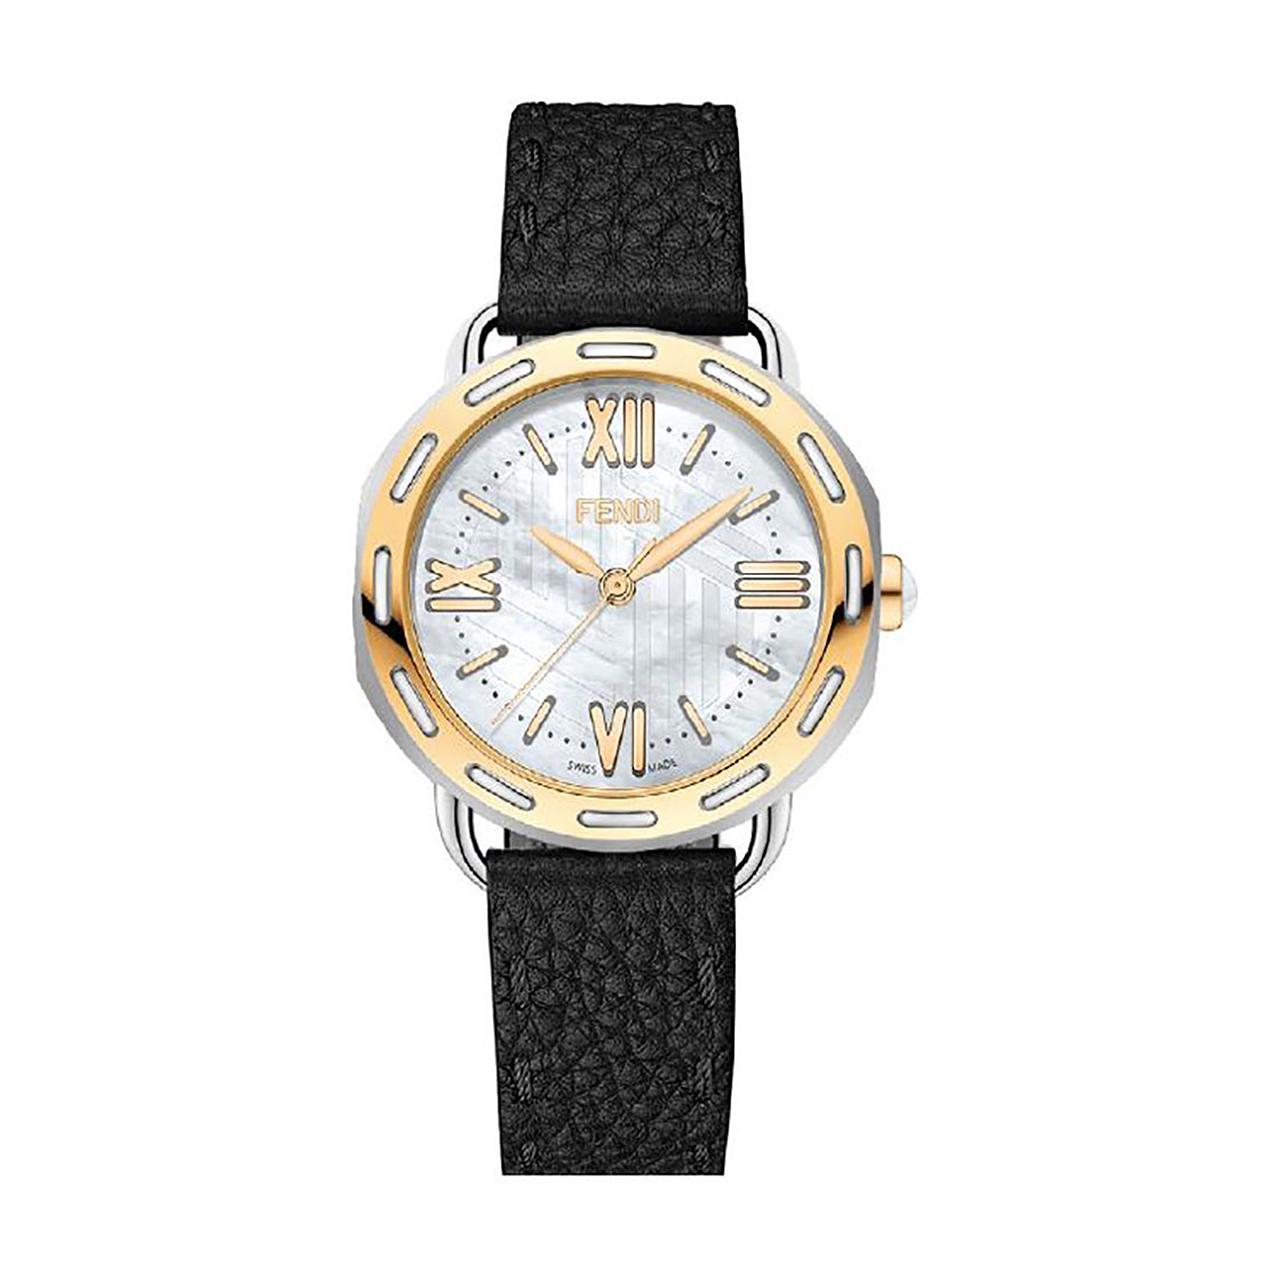 ساعت مچی عقربه ای زنانه فندی مدل F8301345H0